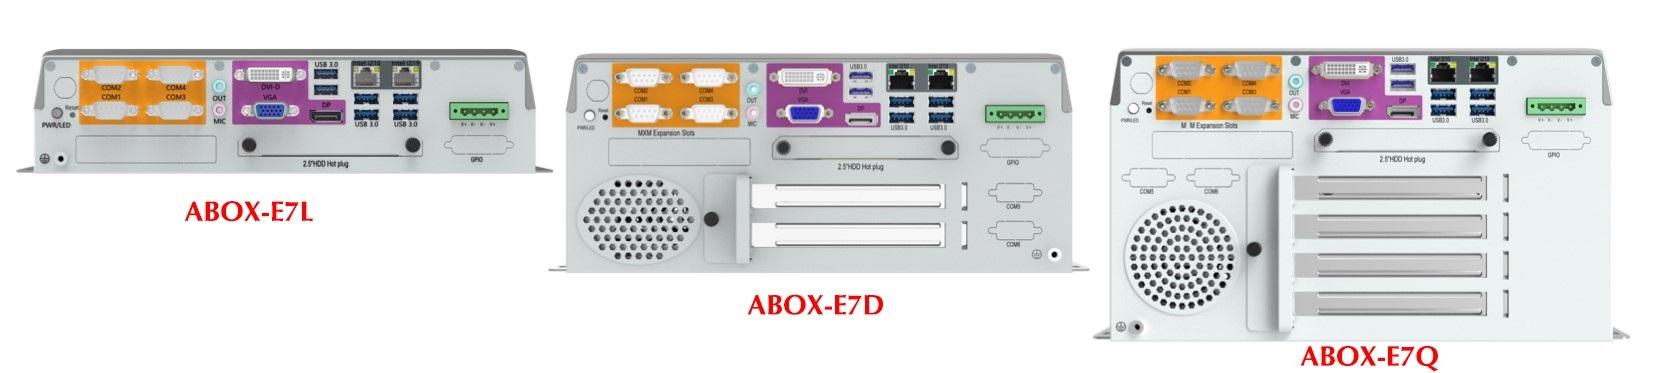 abox-e7